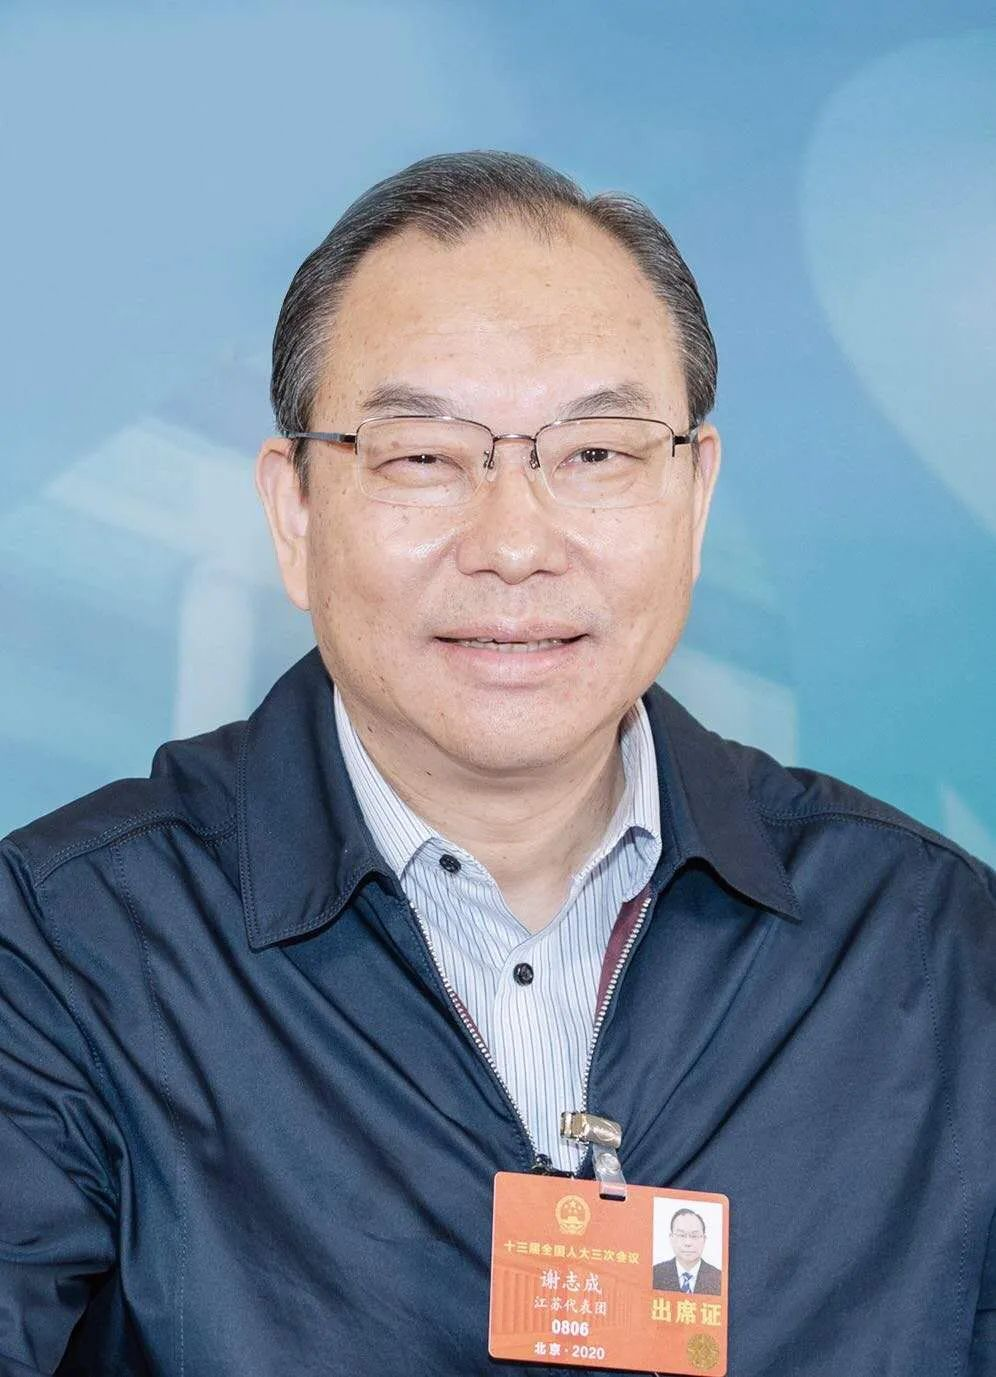 两会专访丨全国人大代表、江苏省